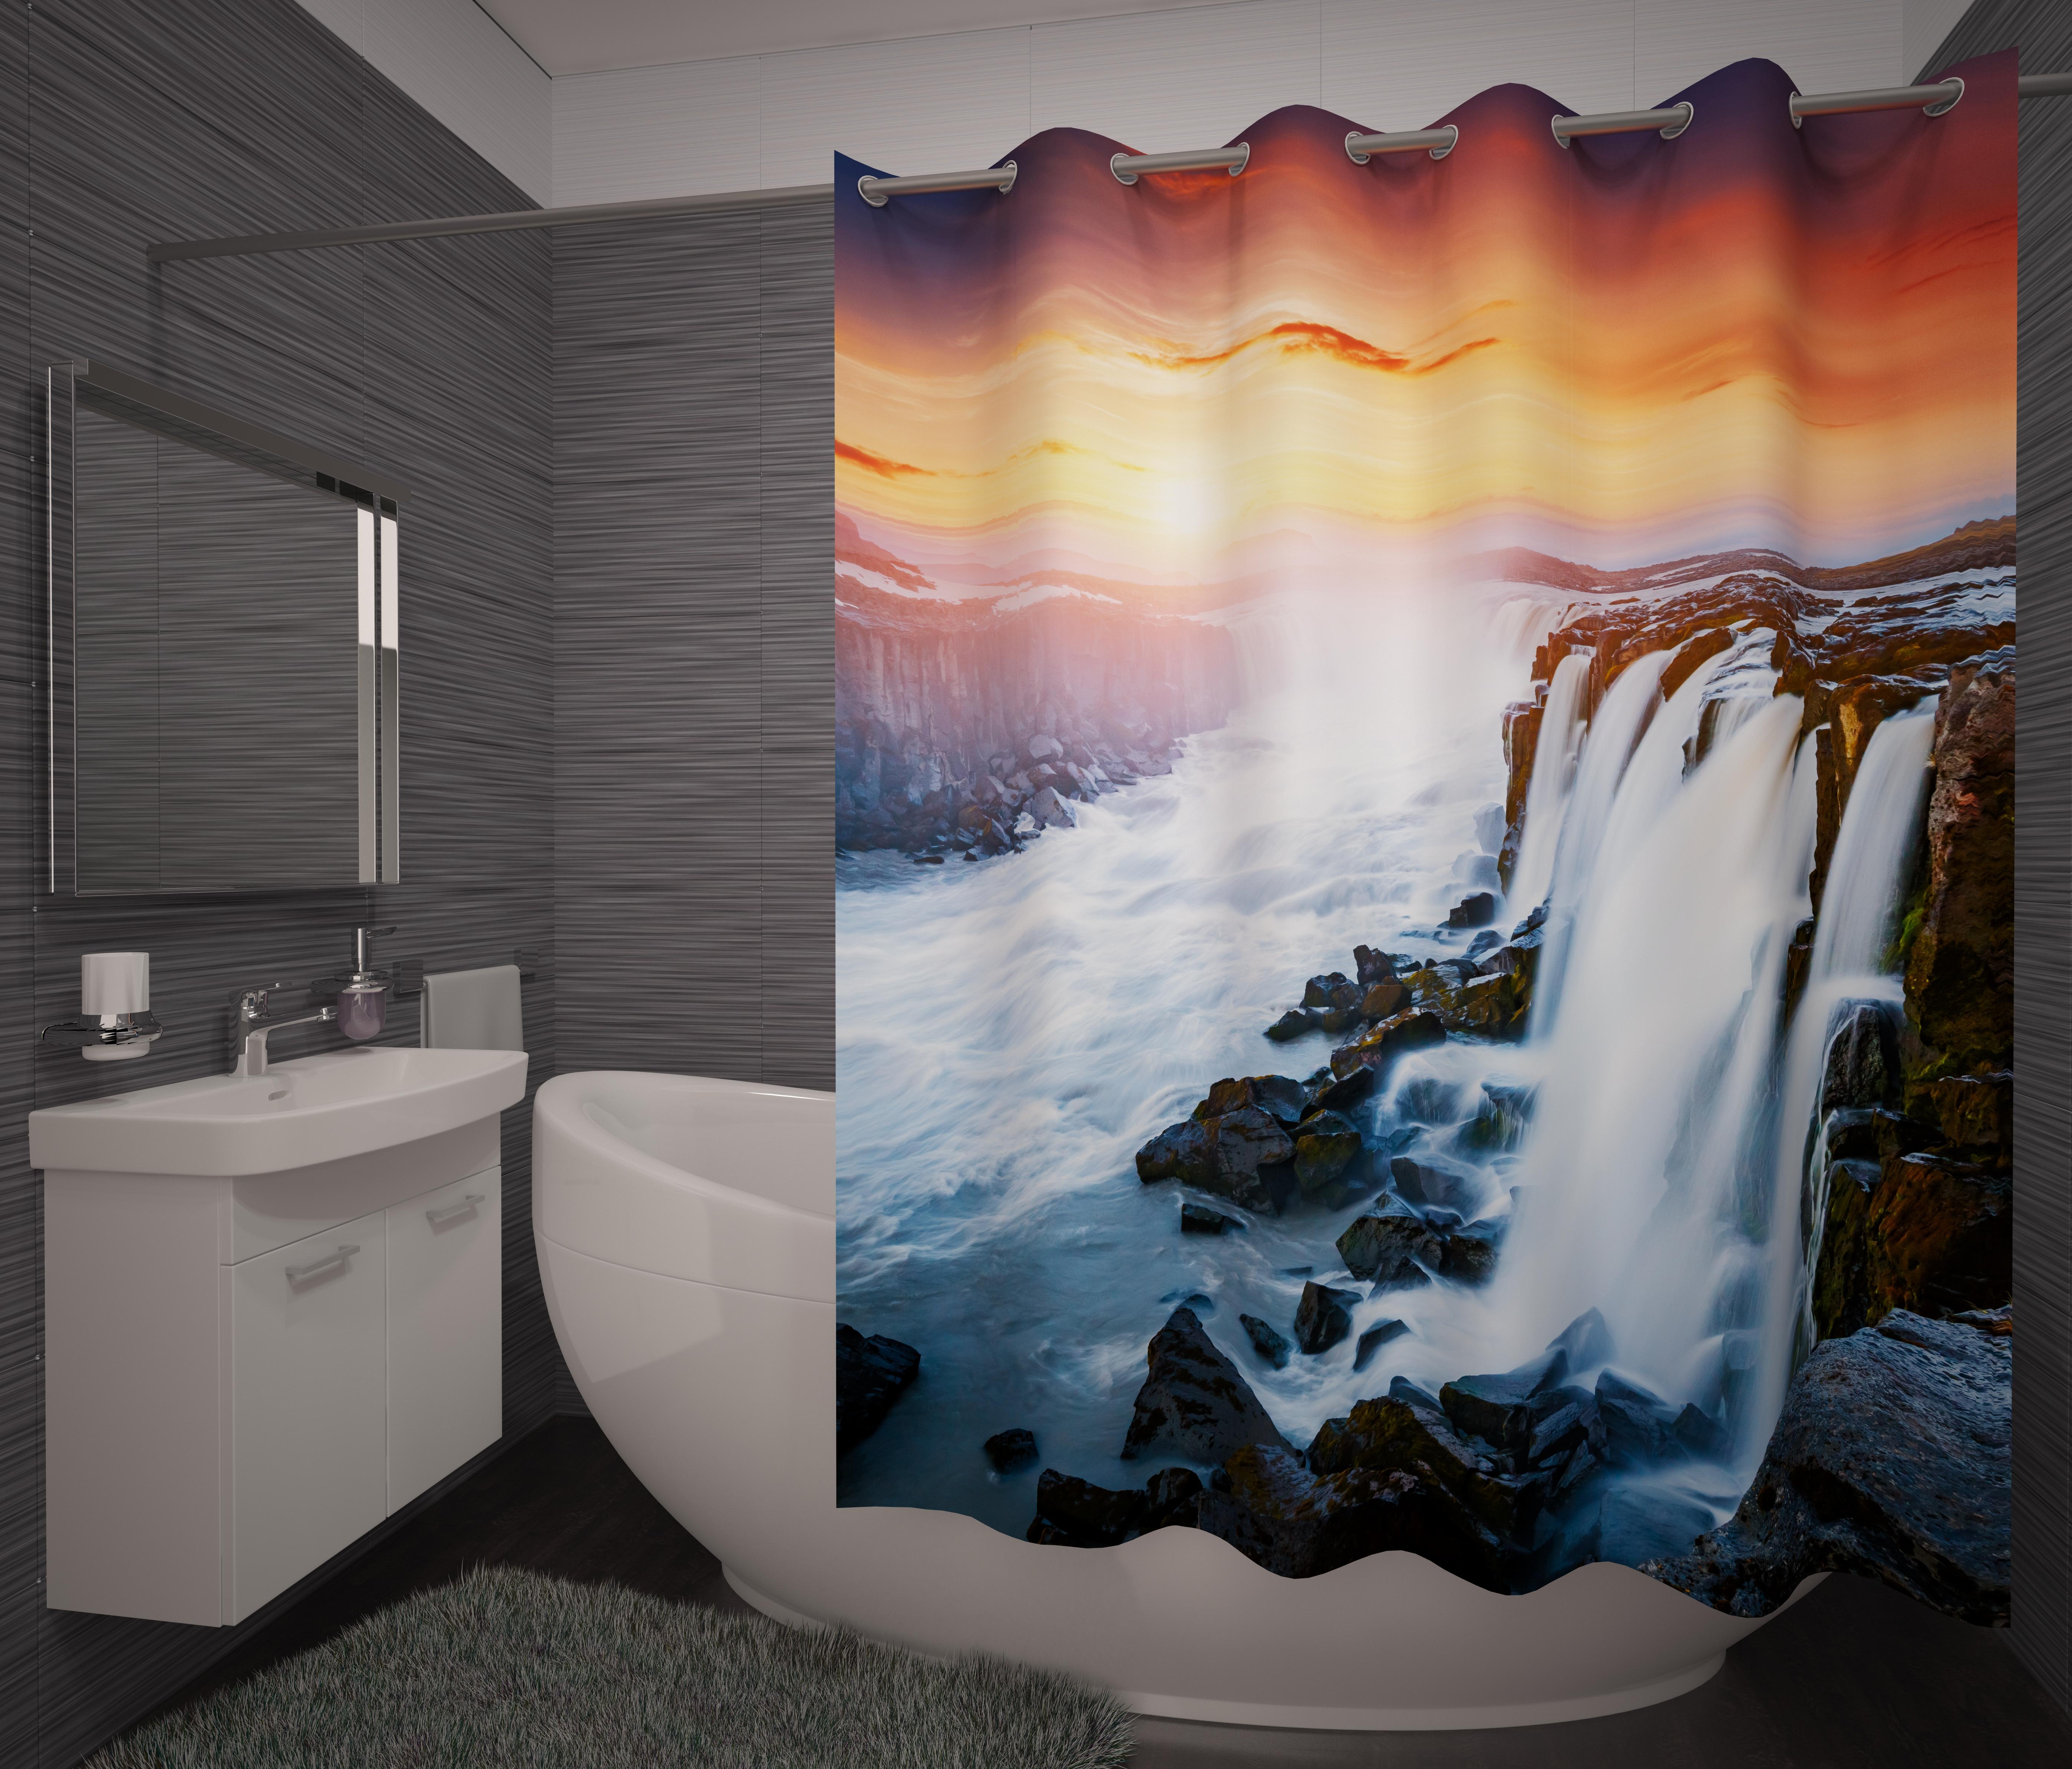 Шторы и карнизы для ванной Fototende Фотошторы для ванной Horta шторы fototende фотошторы pru